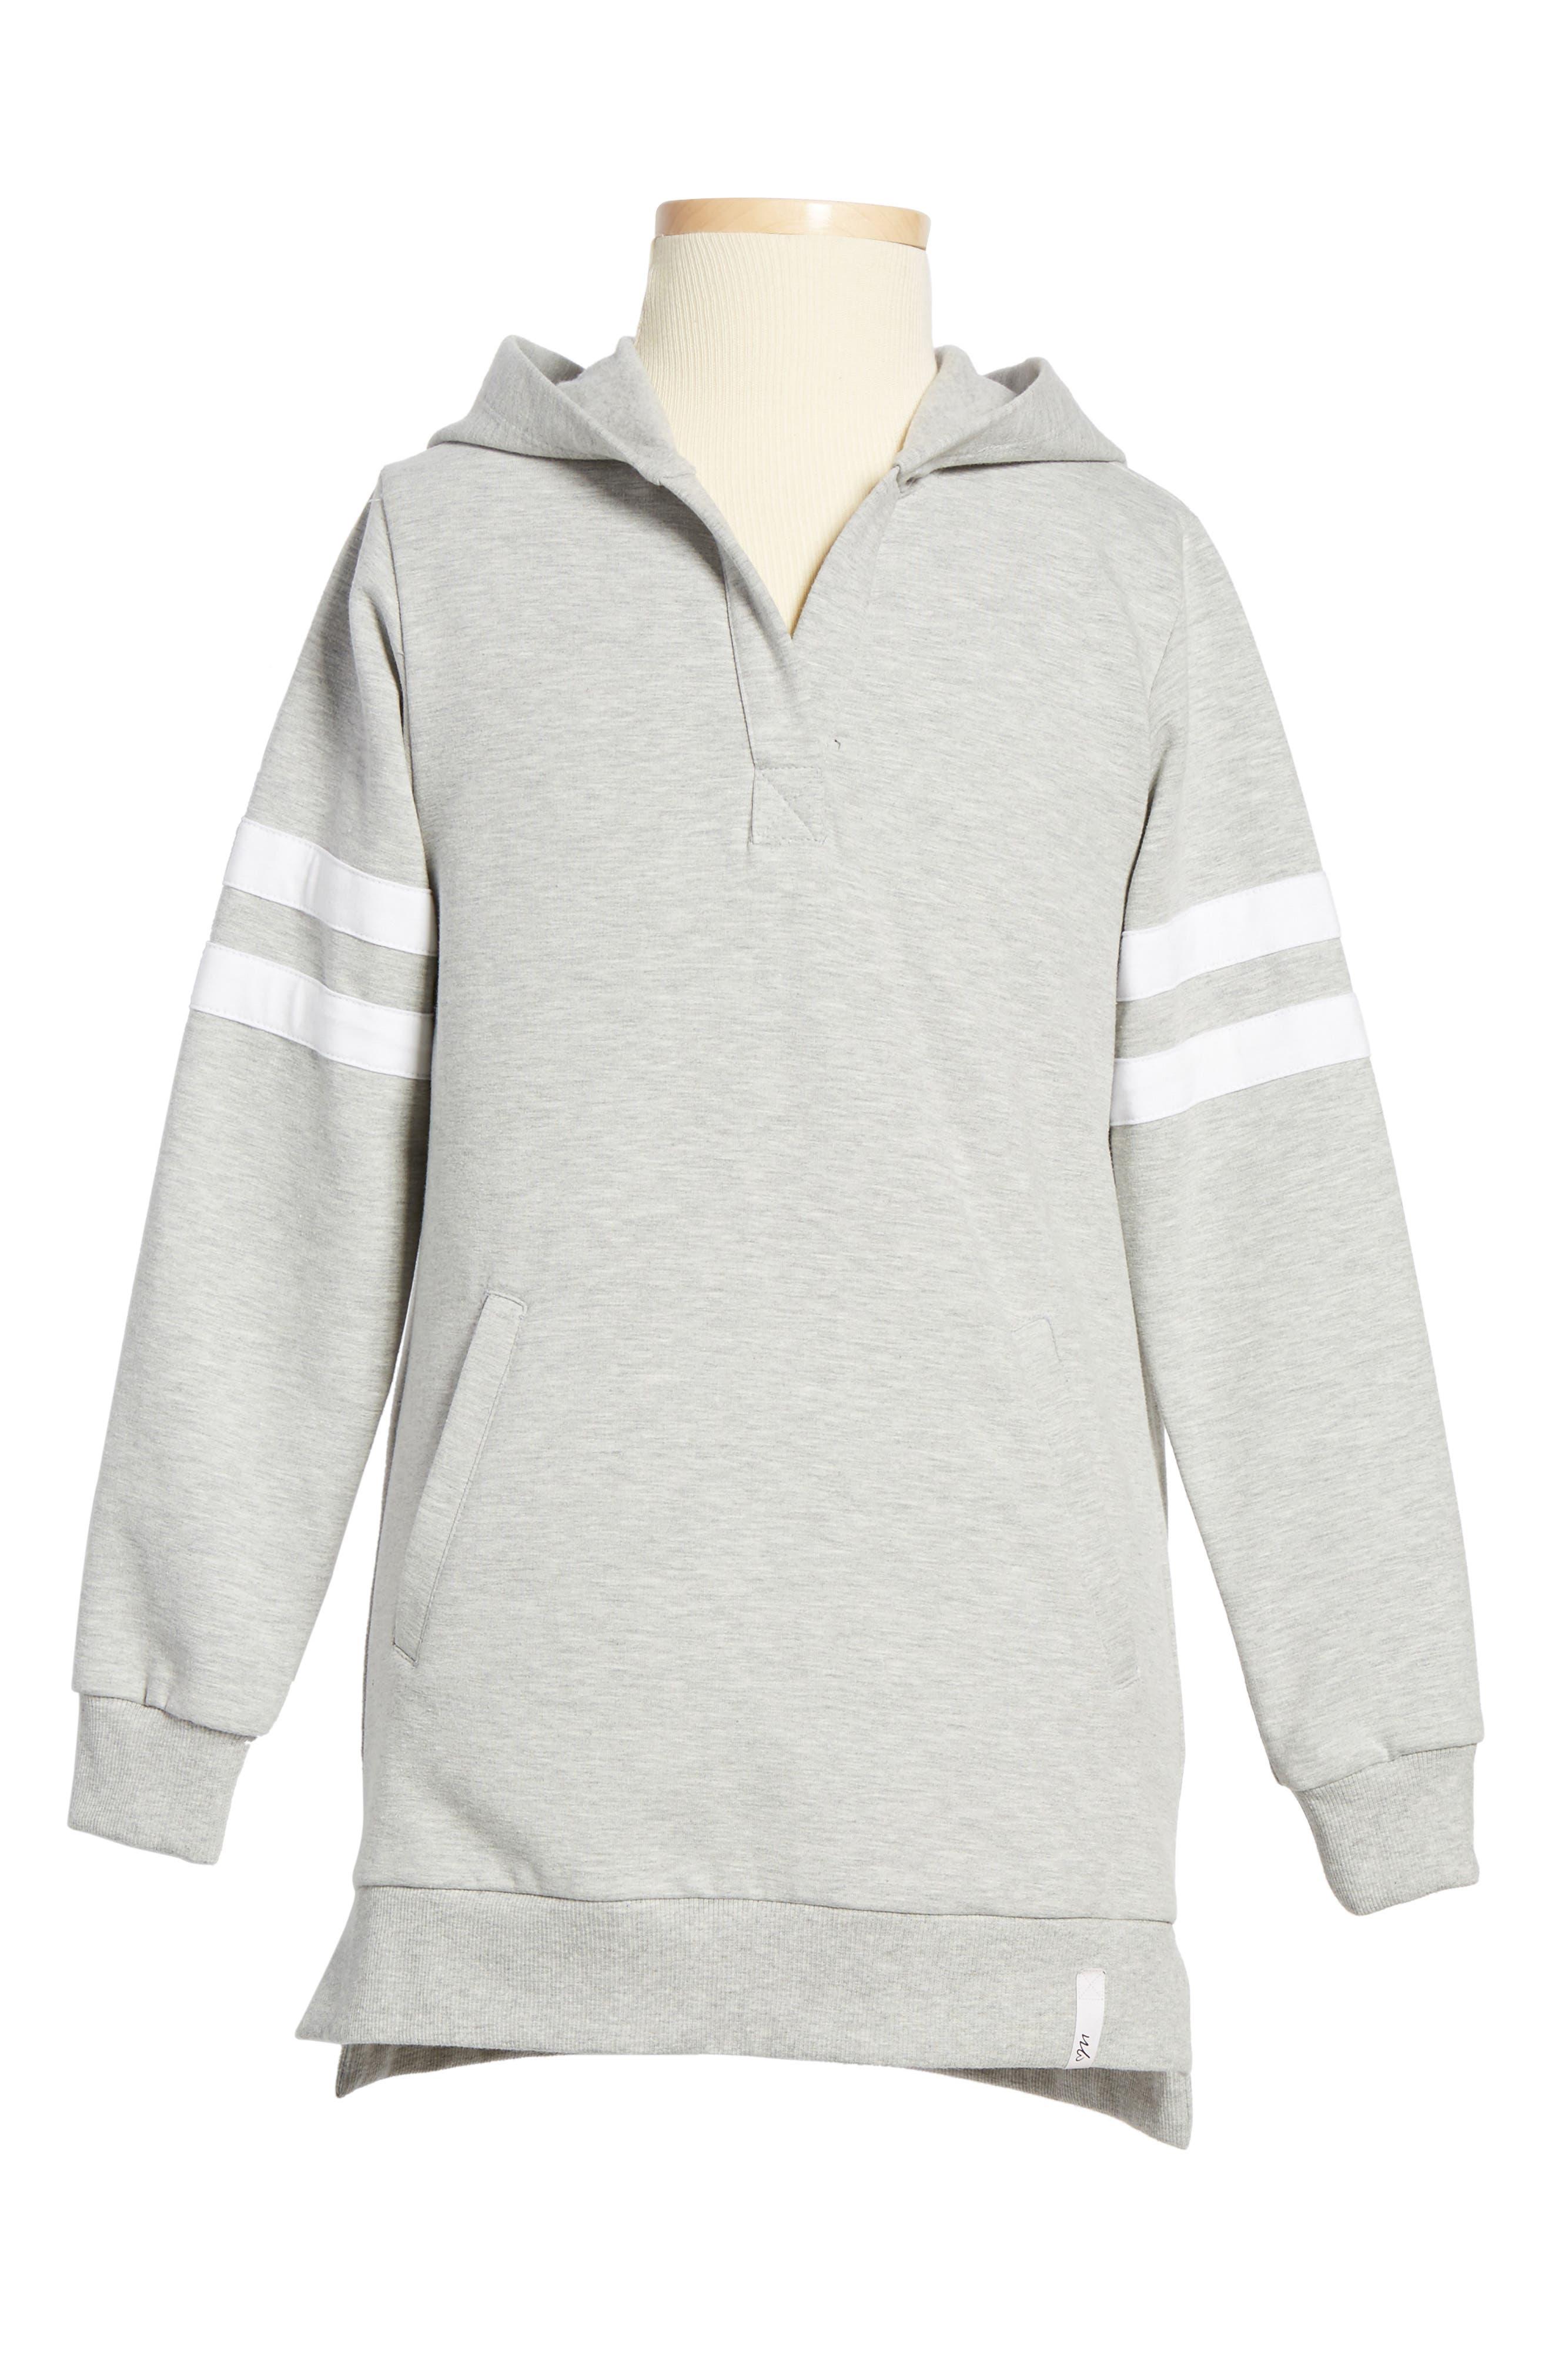 Sneaker Hoodie Dress,                             Main thumbnail 1, color,                             Grey